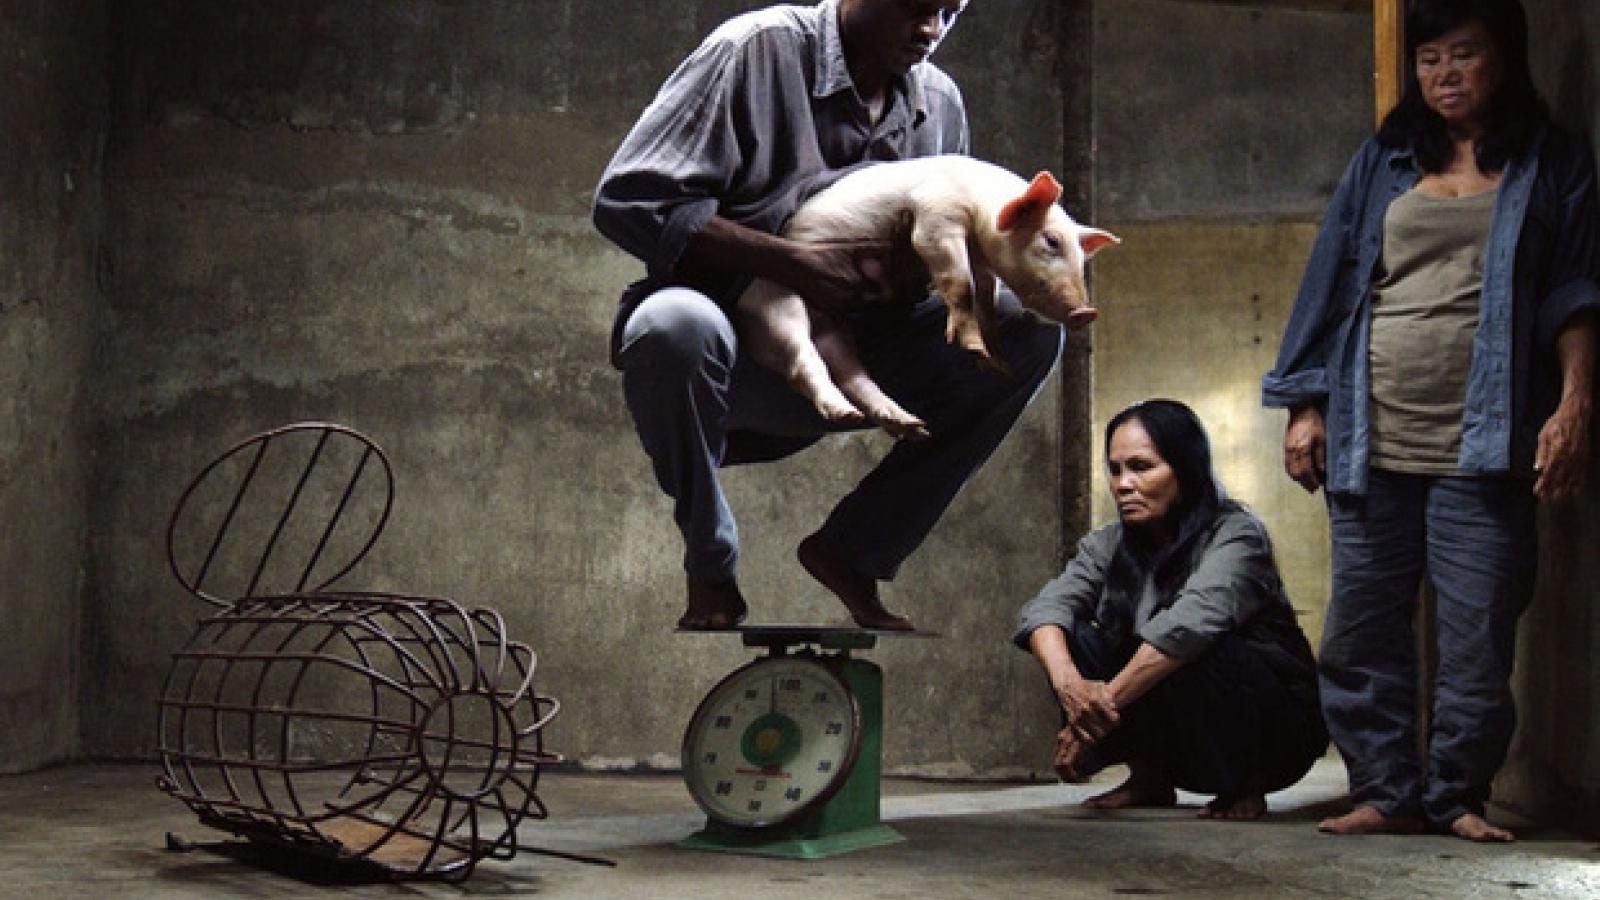 Phim 'Vị' bị cấm chiếu tại Việt Nam vì cảnh khỏa thân tập thể kéo dài hàng chục phút